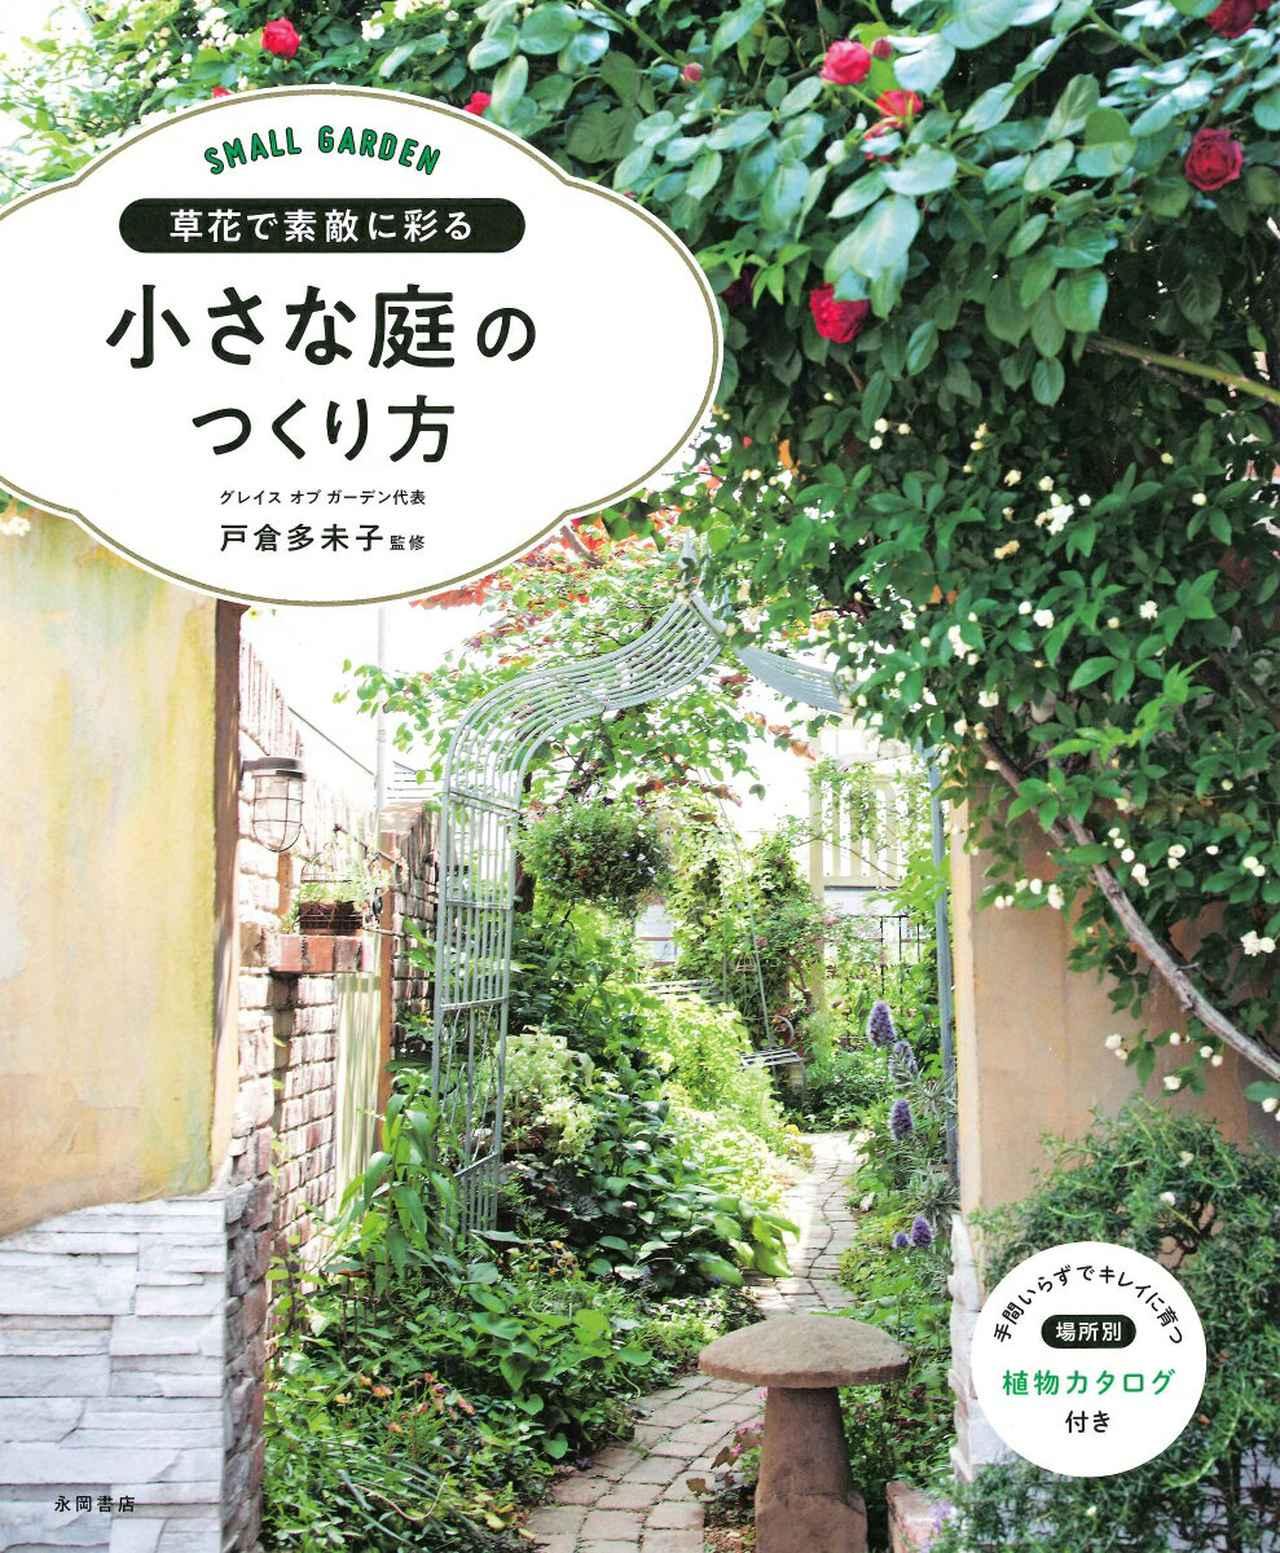 画像: 【庭づくりDIY】ガーデニング初心者でもお金をかけずにできる シンプル・おしゃれ・小さな庭の作り方